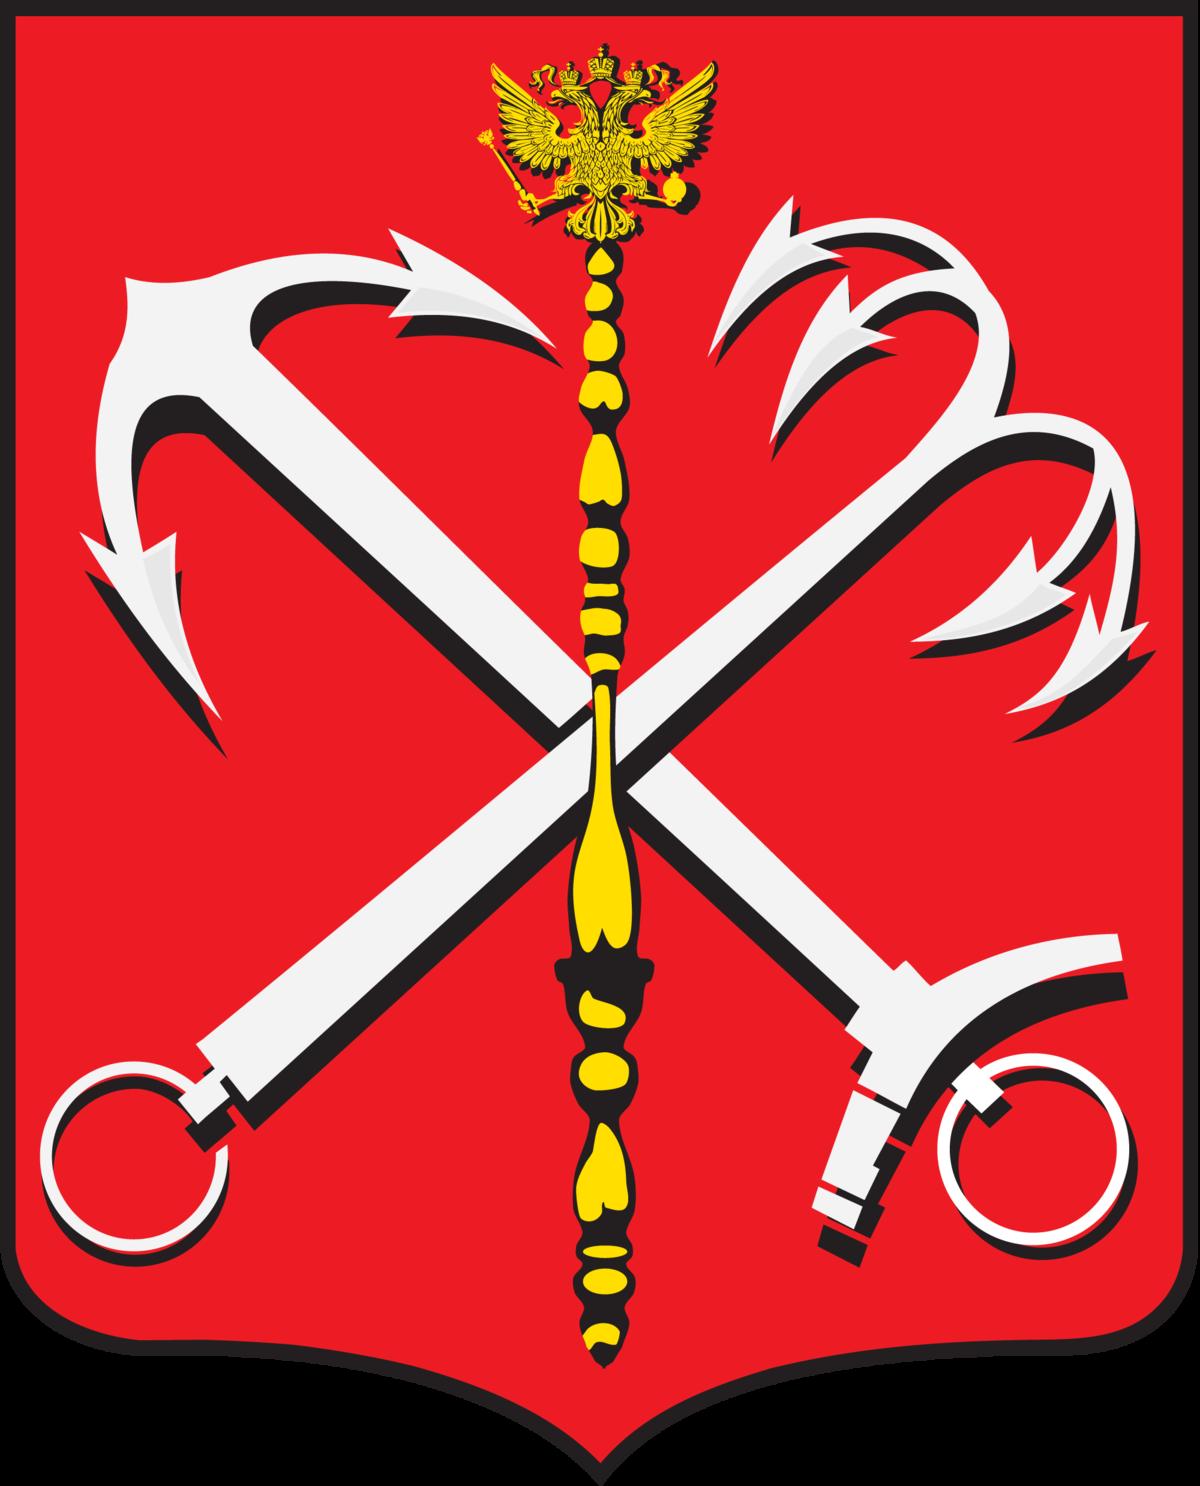 Герб санкт петербурга в картинках